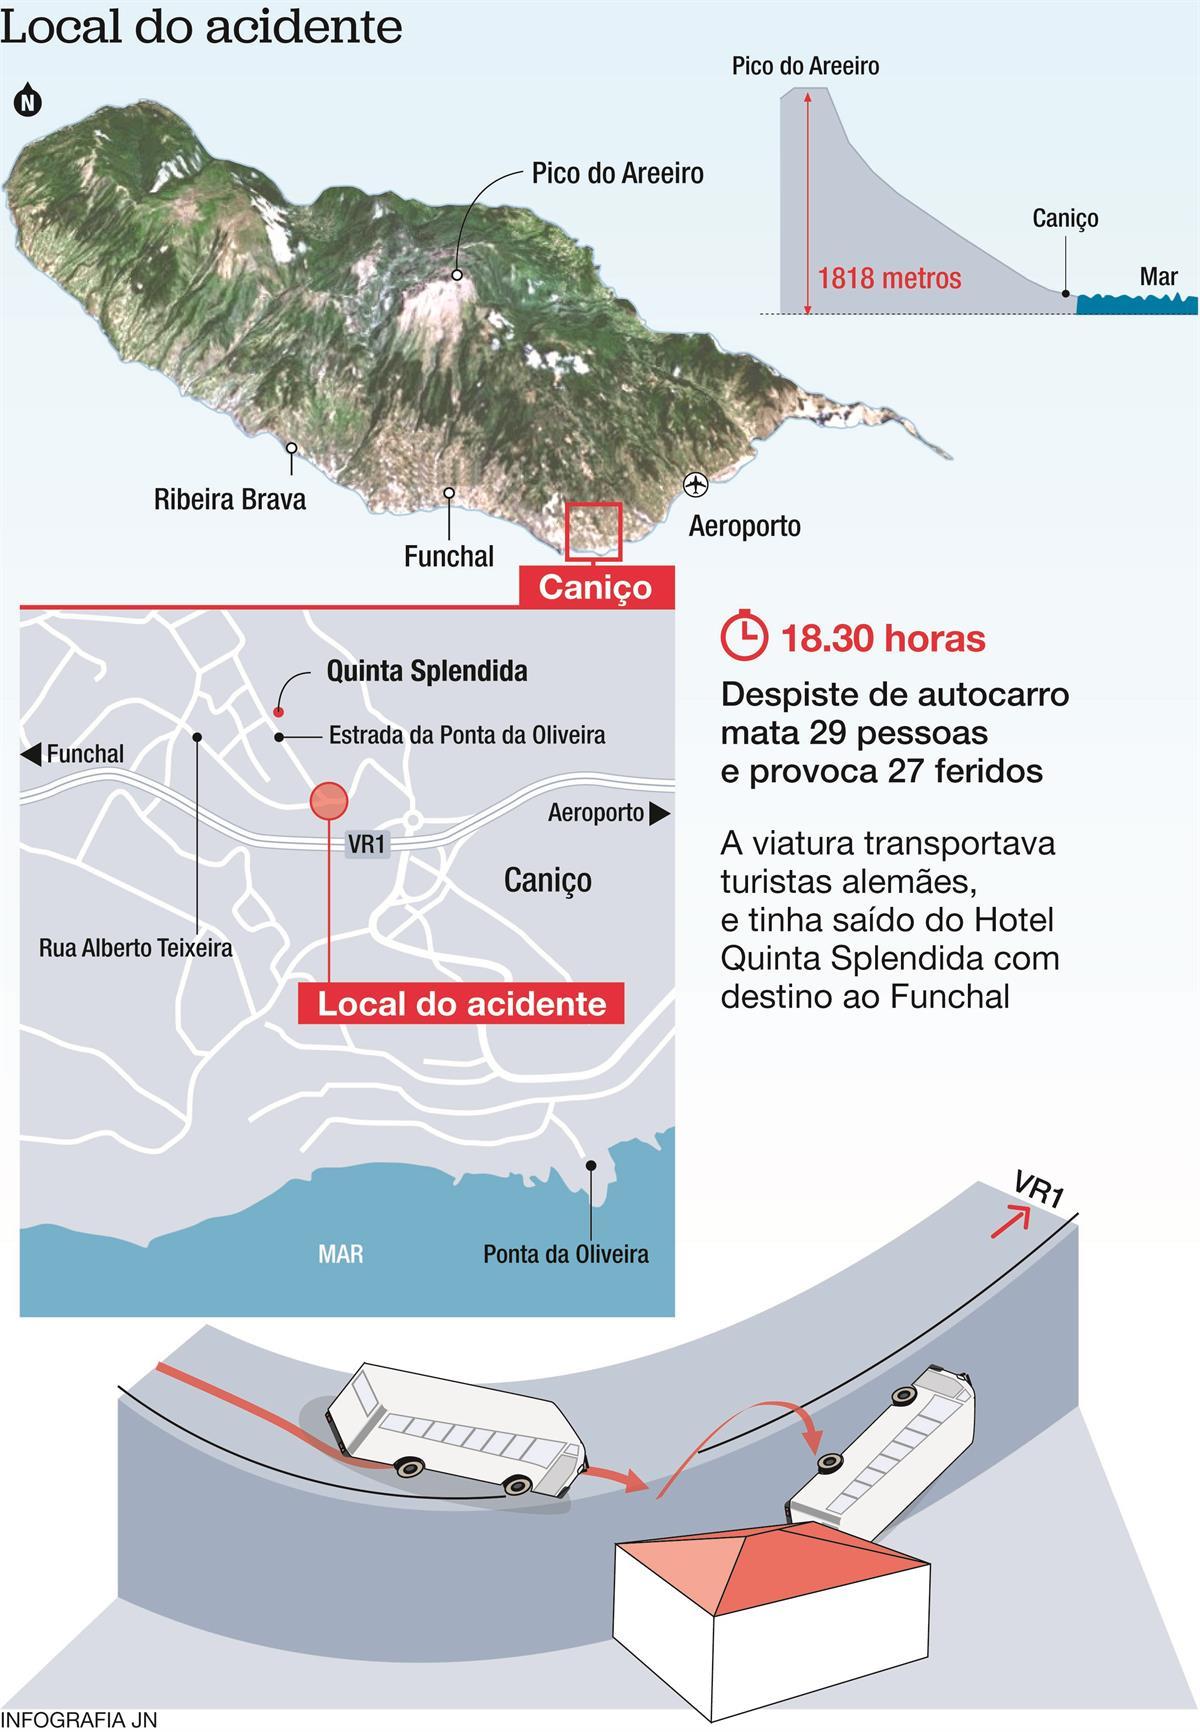 Infografia: Veja como aconteceu o trágico acidente na Madeira